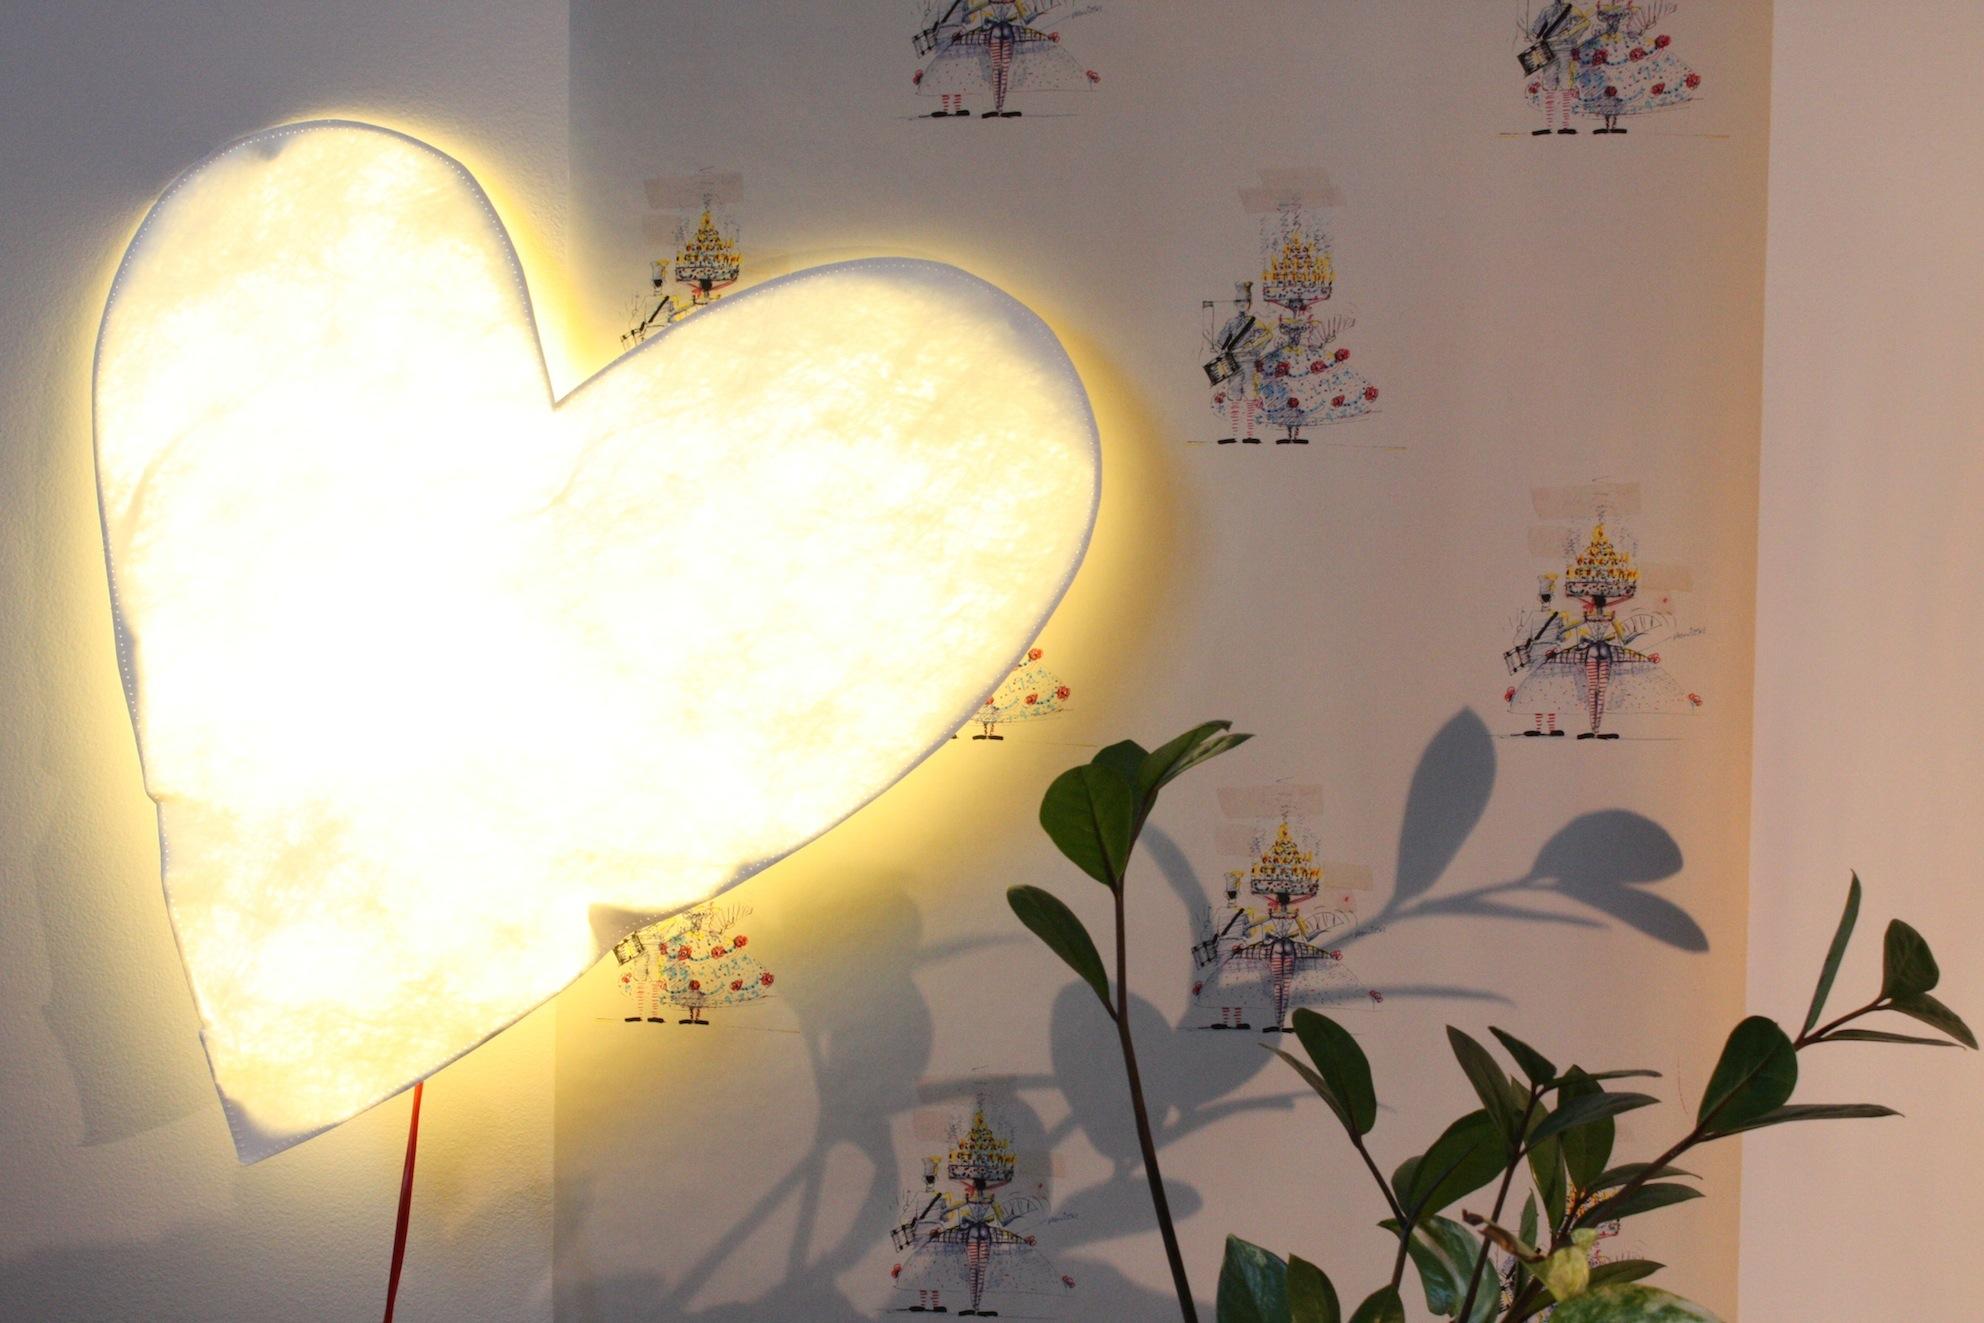 Saint valentin d co lumineuse le blog d co de mlc - Deco chambre saint valentin ...